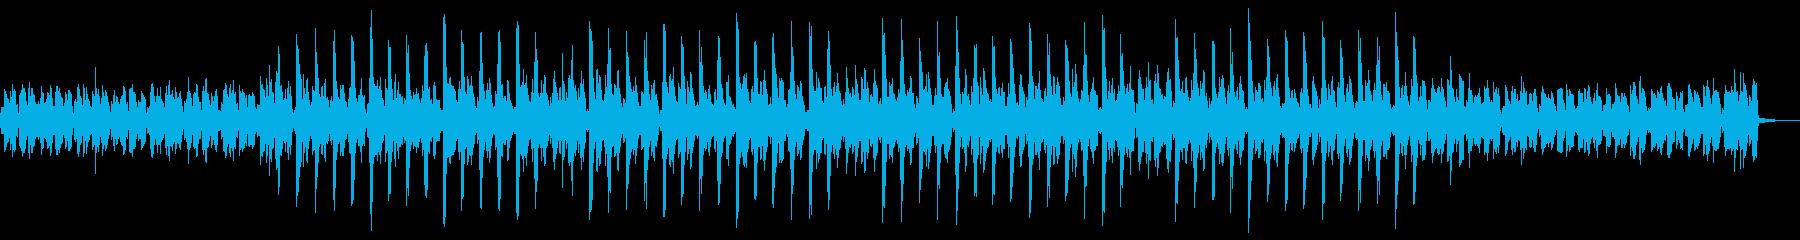 ピコピコ音でメロディが繰り返されるテクノの再生済みの波形